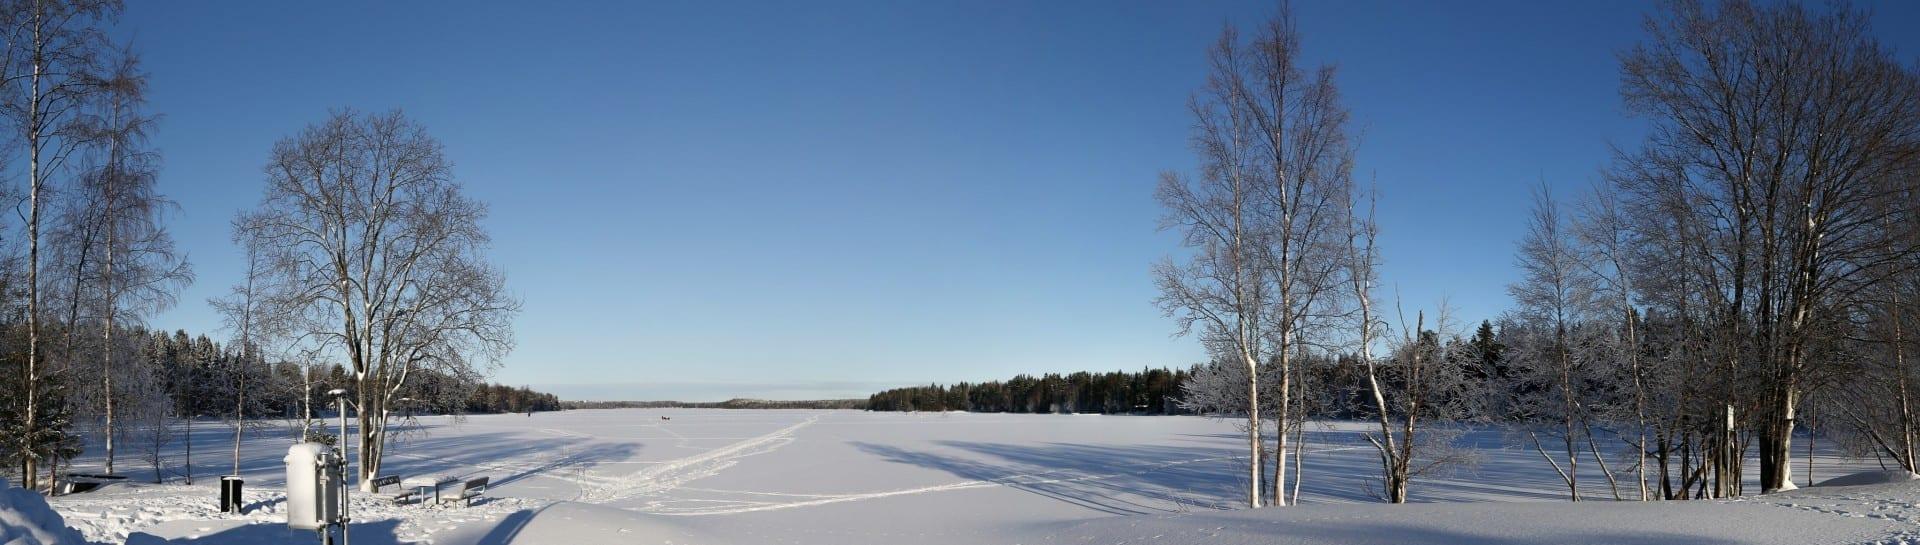 Vista de Nydalasjön desde el extremo sur en febrero de 2013. Umea Suecia